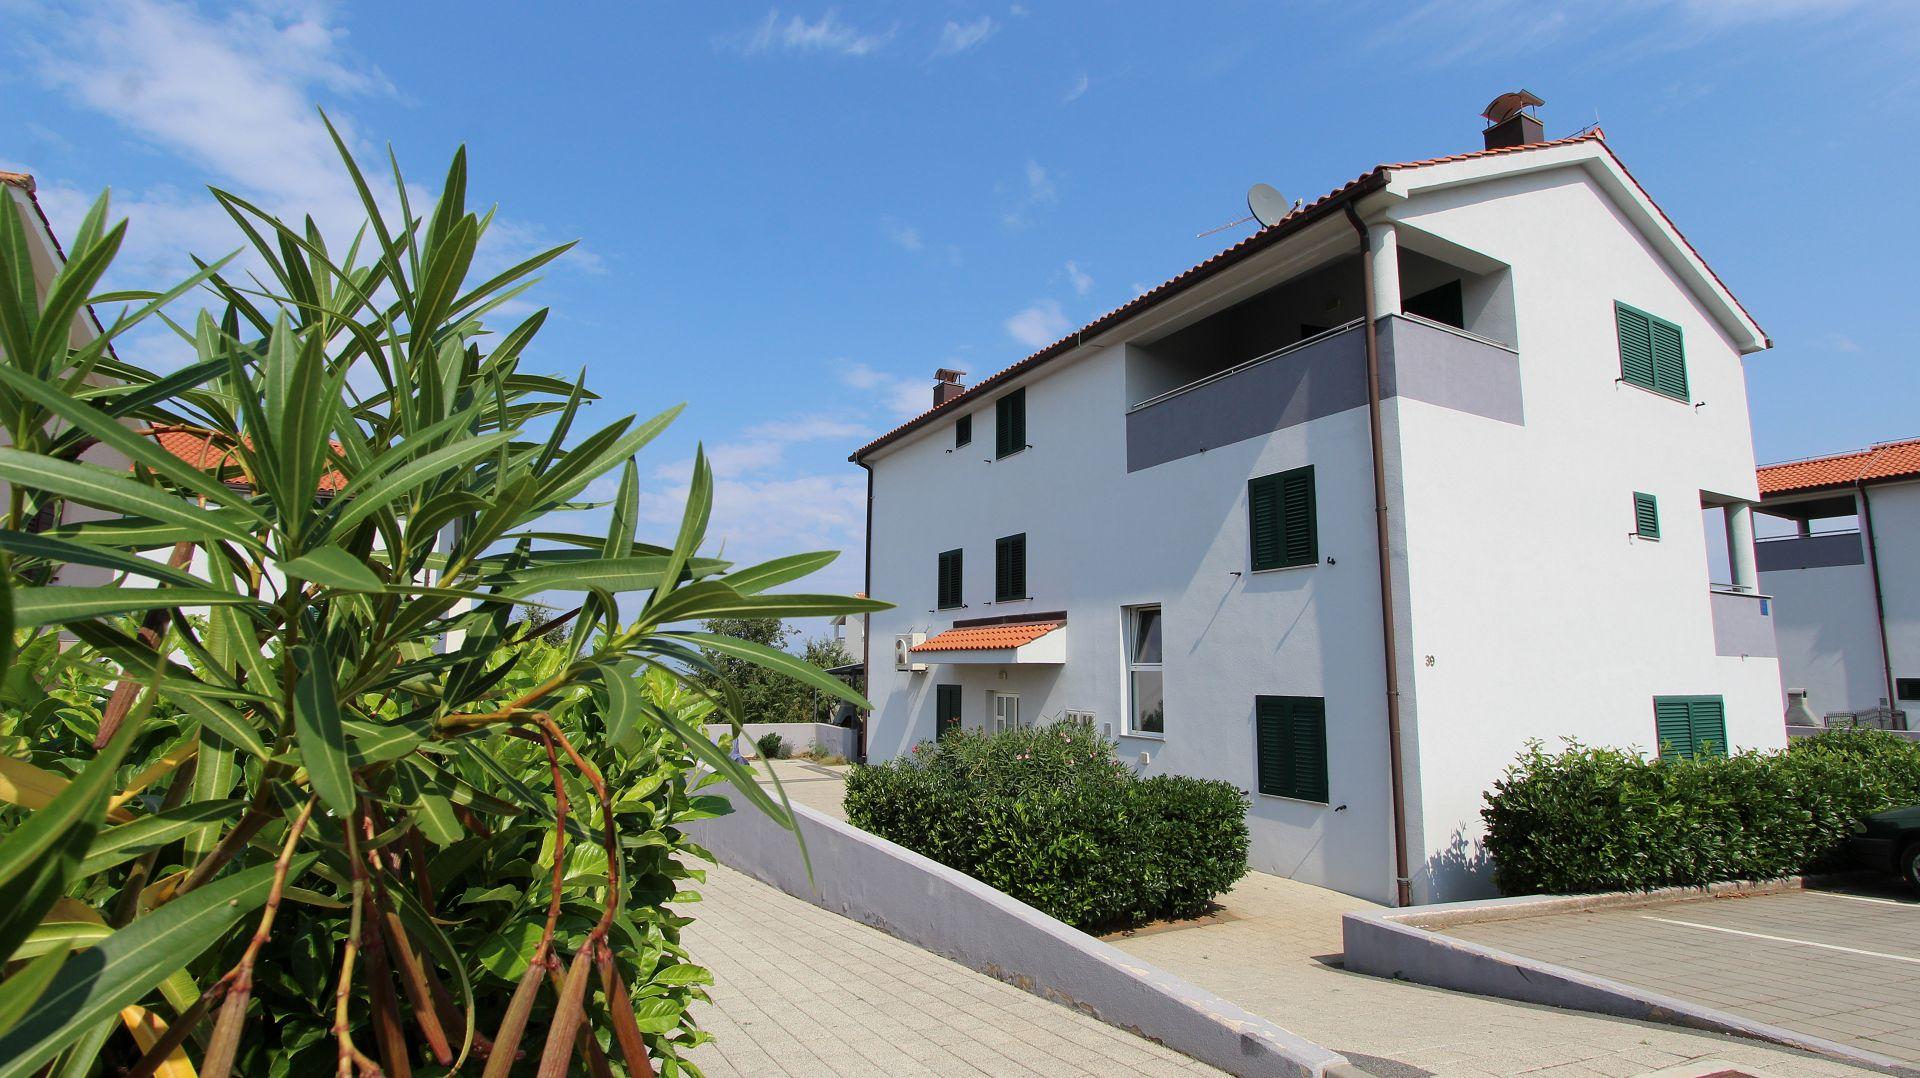 34973  - Malinska - Appartementen Kroatië